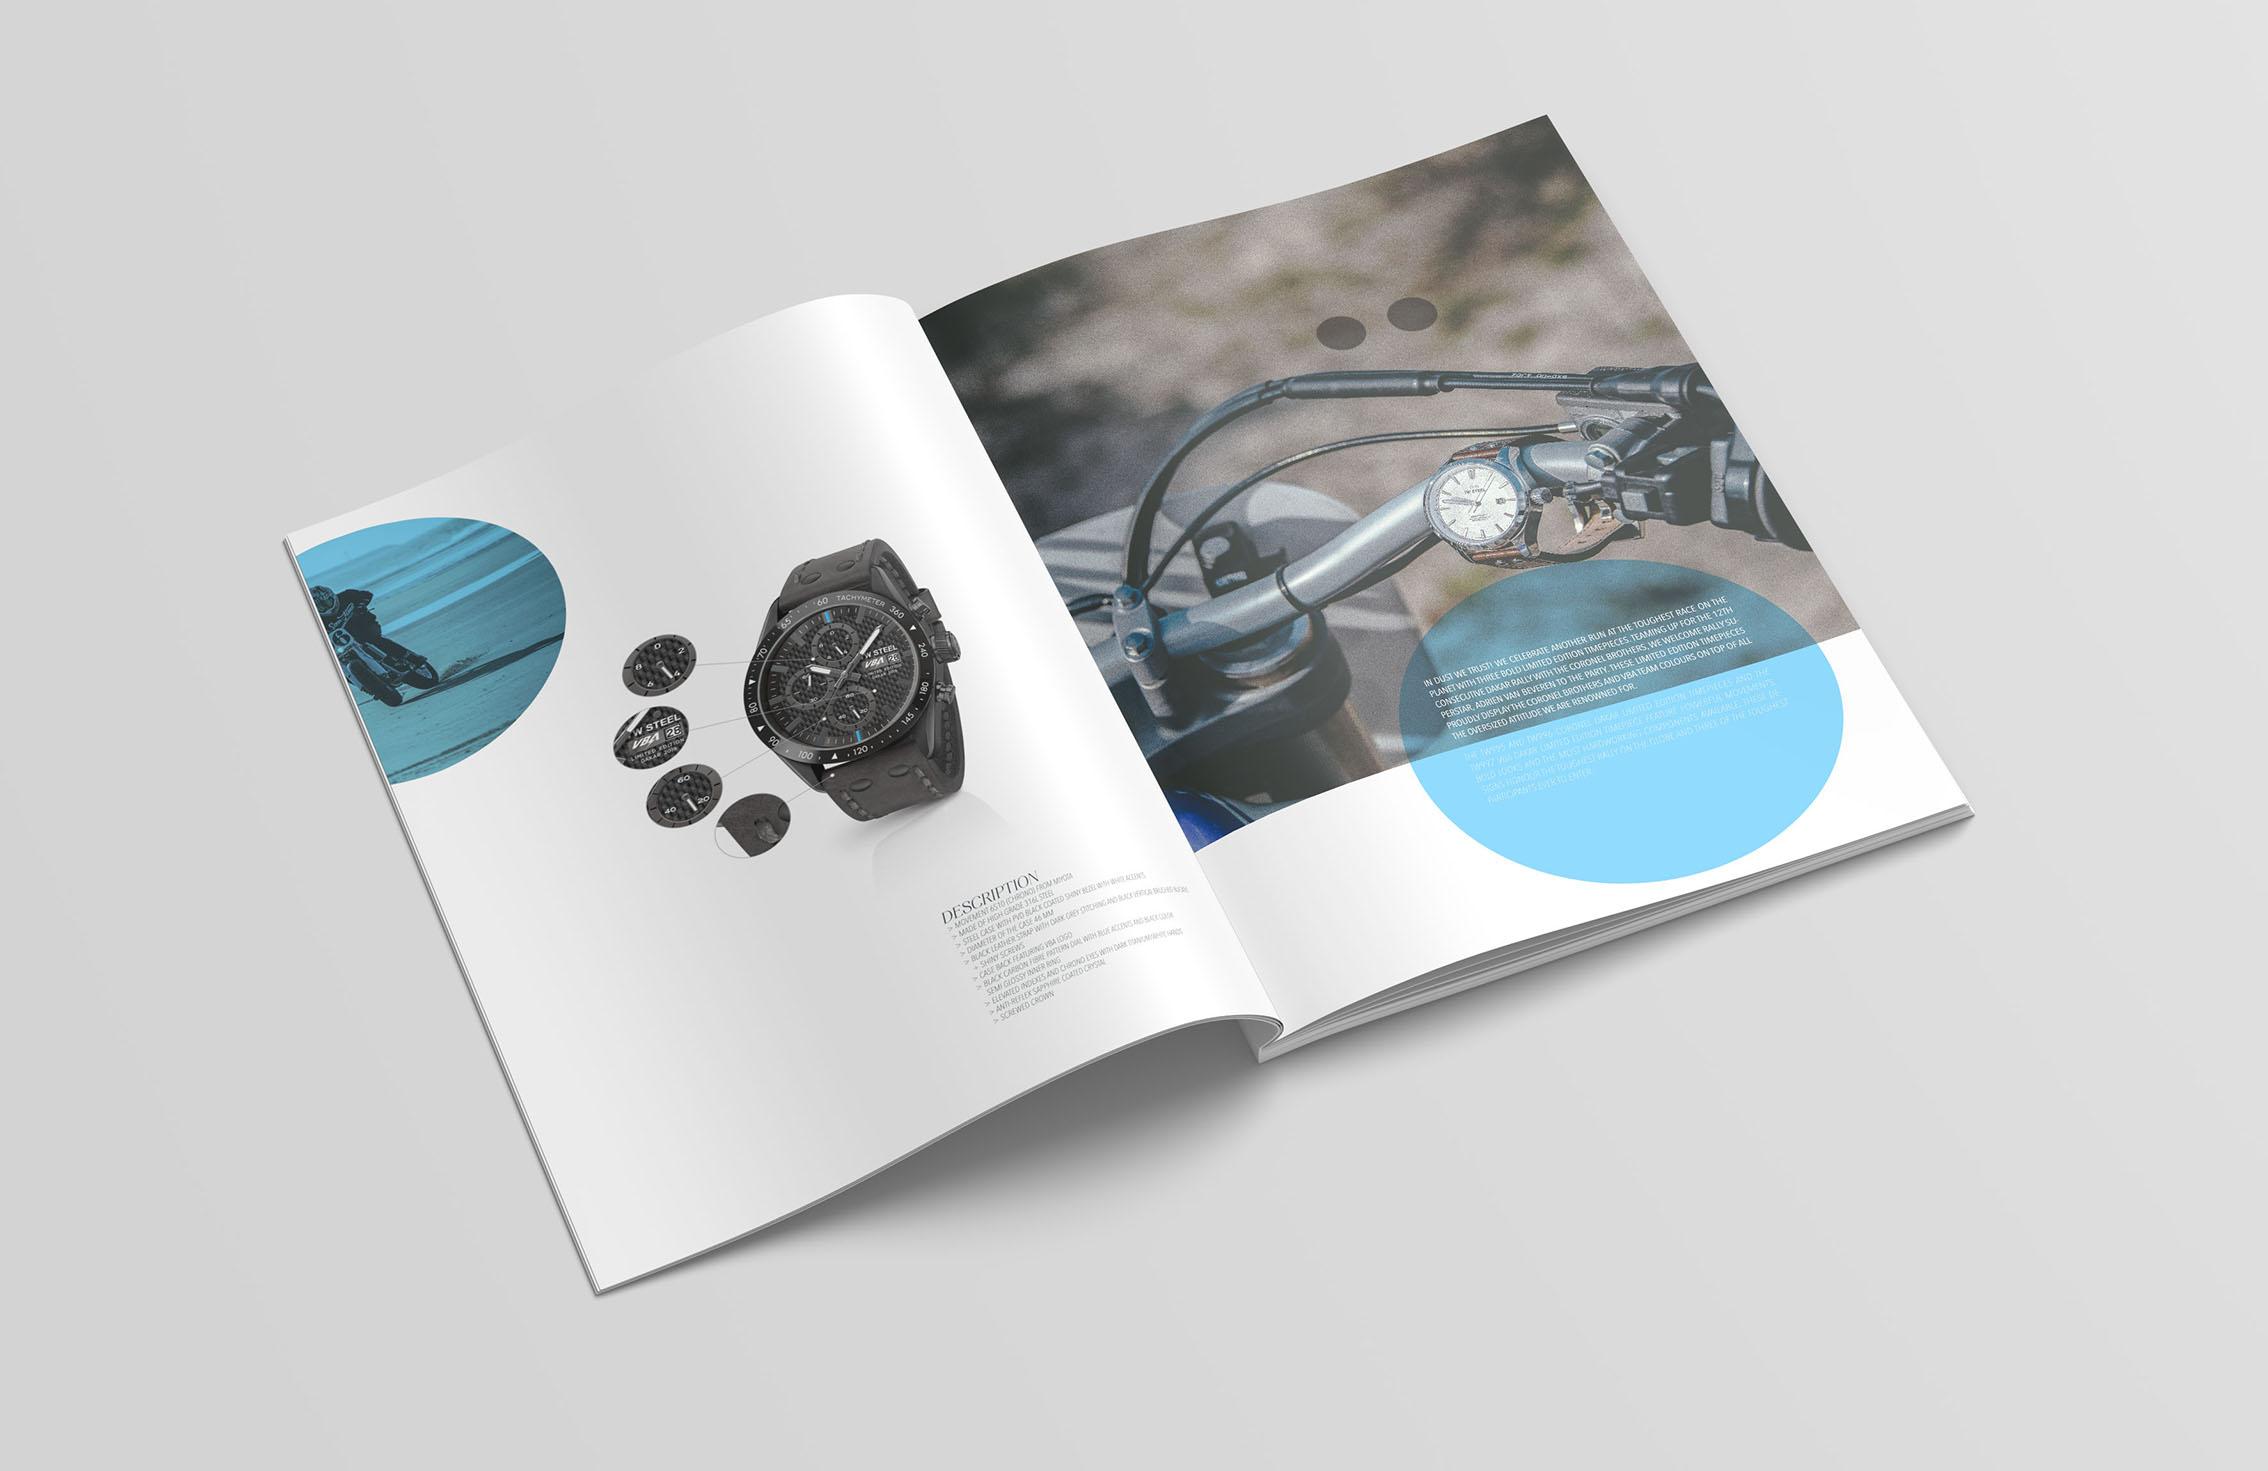 Brochure TW Steel avec Adrien Van Beveren. Conception, création Sakkamoto. Photographe Laurent Scavone. Agence de communication et création de catalogue Lilloise : Sakkamoto